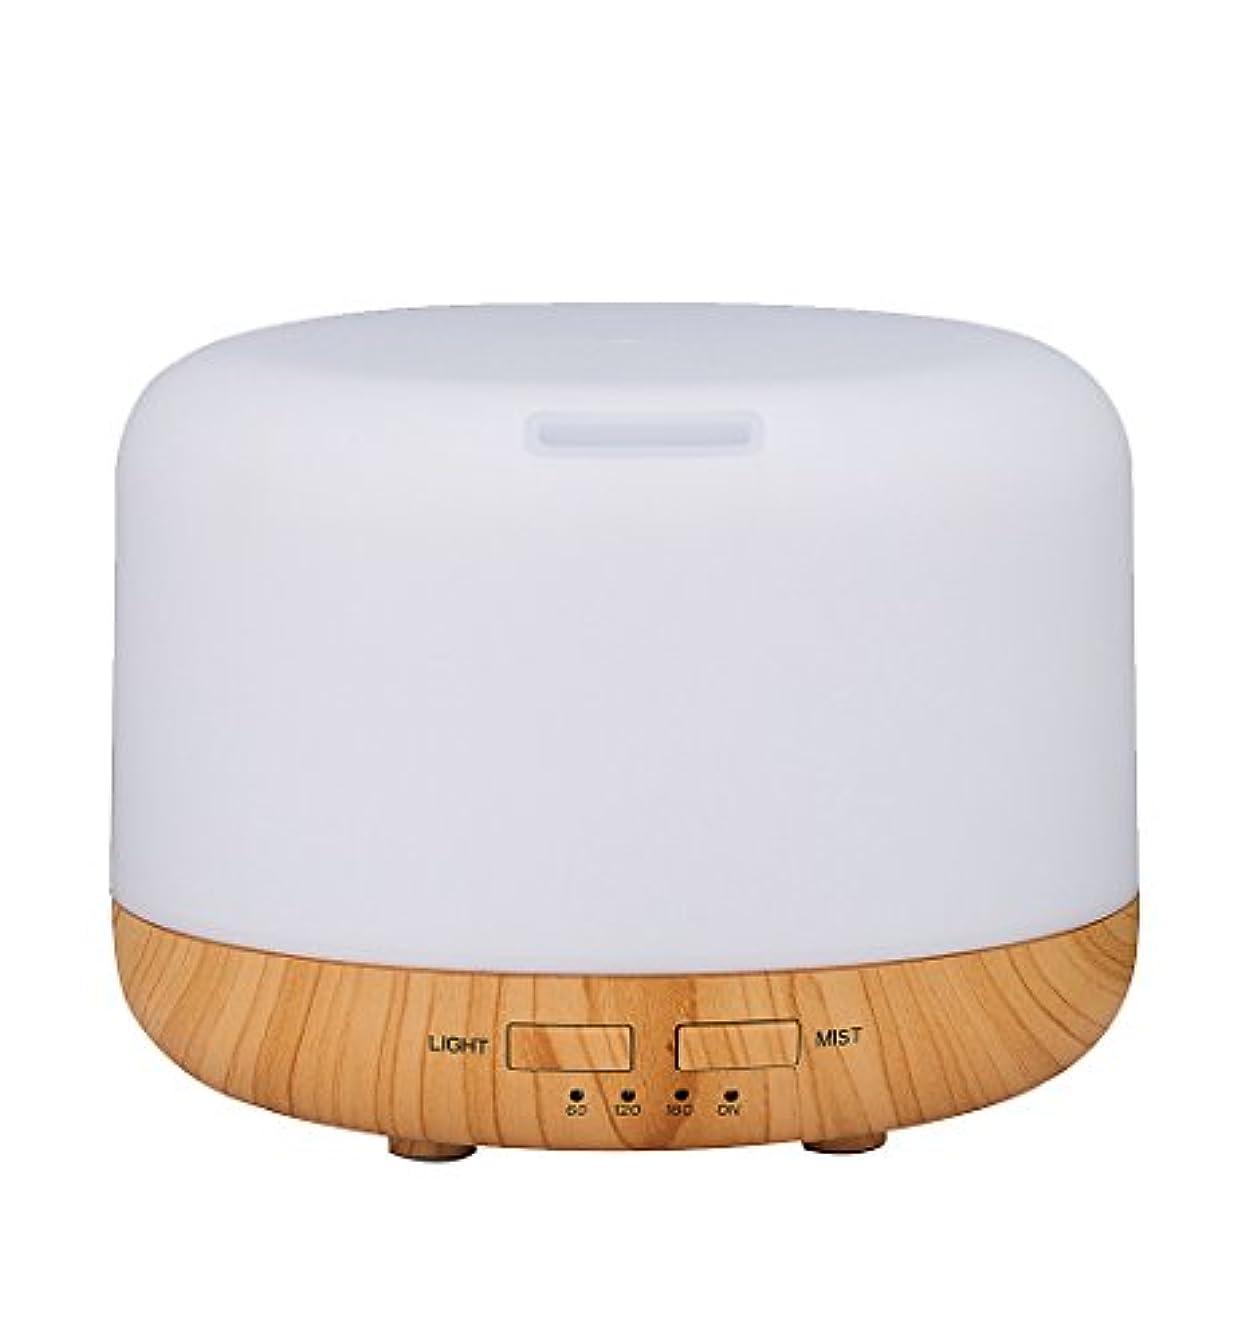 カーフ活性化する外交Simple Life アロマディフューザー 超音波式 加湿器 400ml 7色変換LED搭載 木目調 アロマライト (ホワイト)